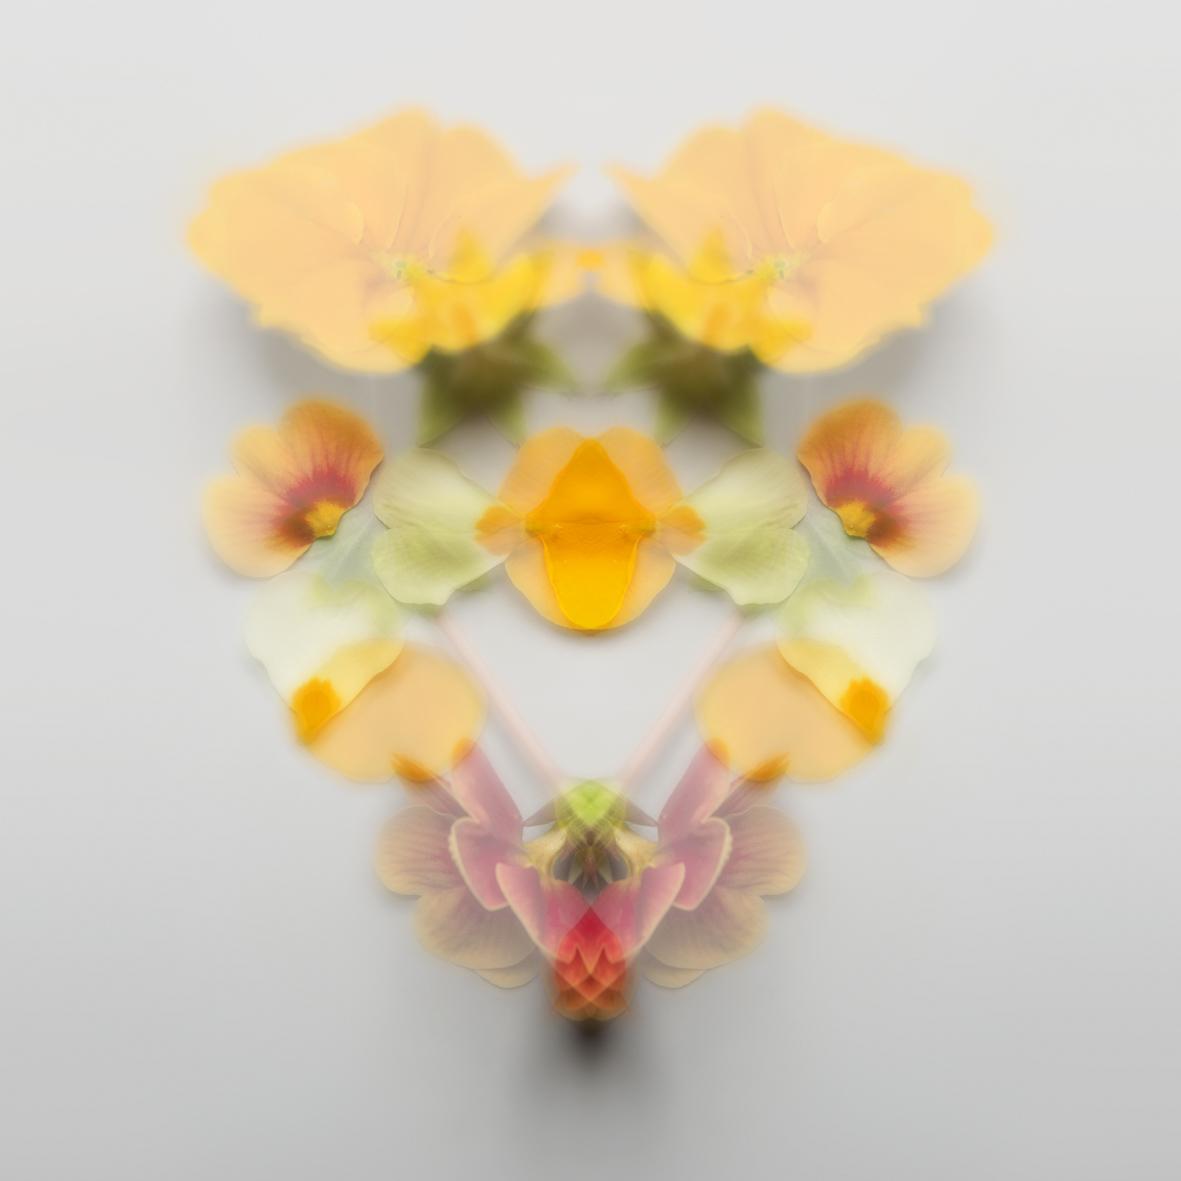 Rorschach Blumen 4.jpg